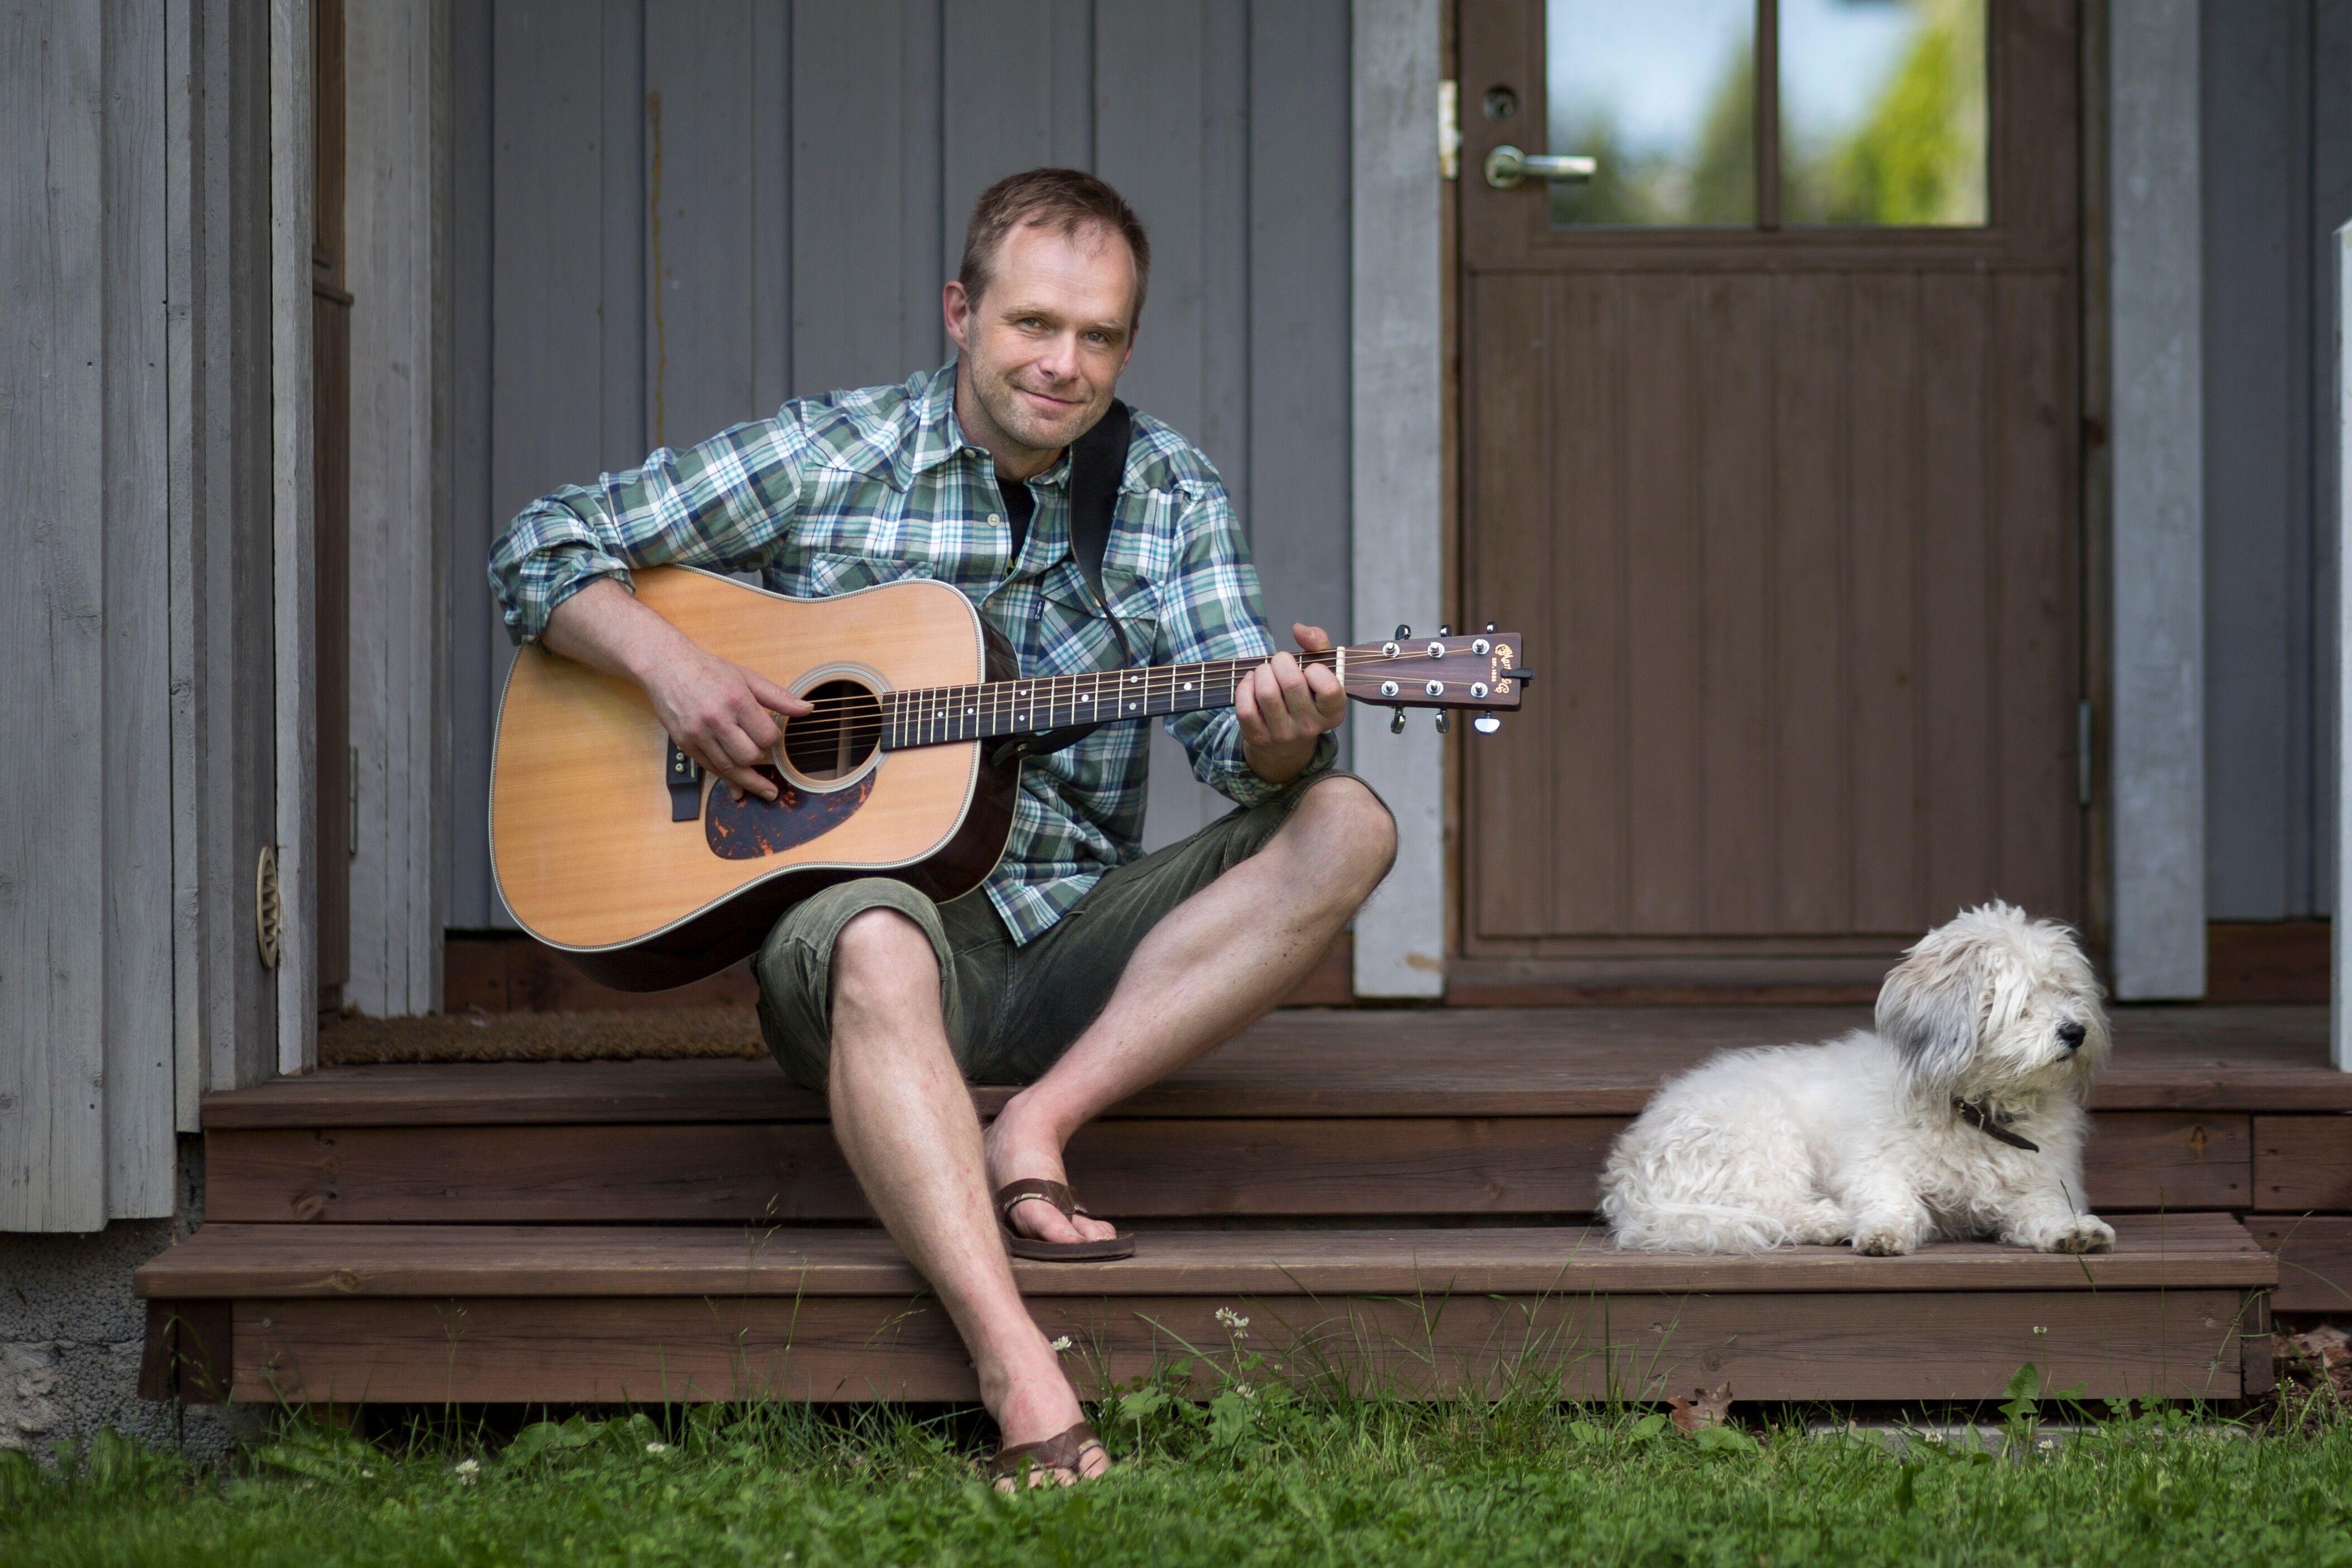 TV:stä tuttu lastenmuusikko Tuomo Rannankari on Tampereen Lastenvaatekarnevaalin live-esiintyjä. Tuomo soittaa Tavattoman hyvätapaisia lauluja ystävyydestä.